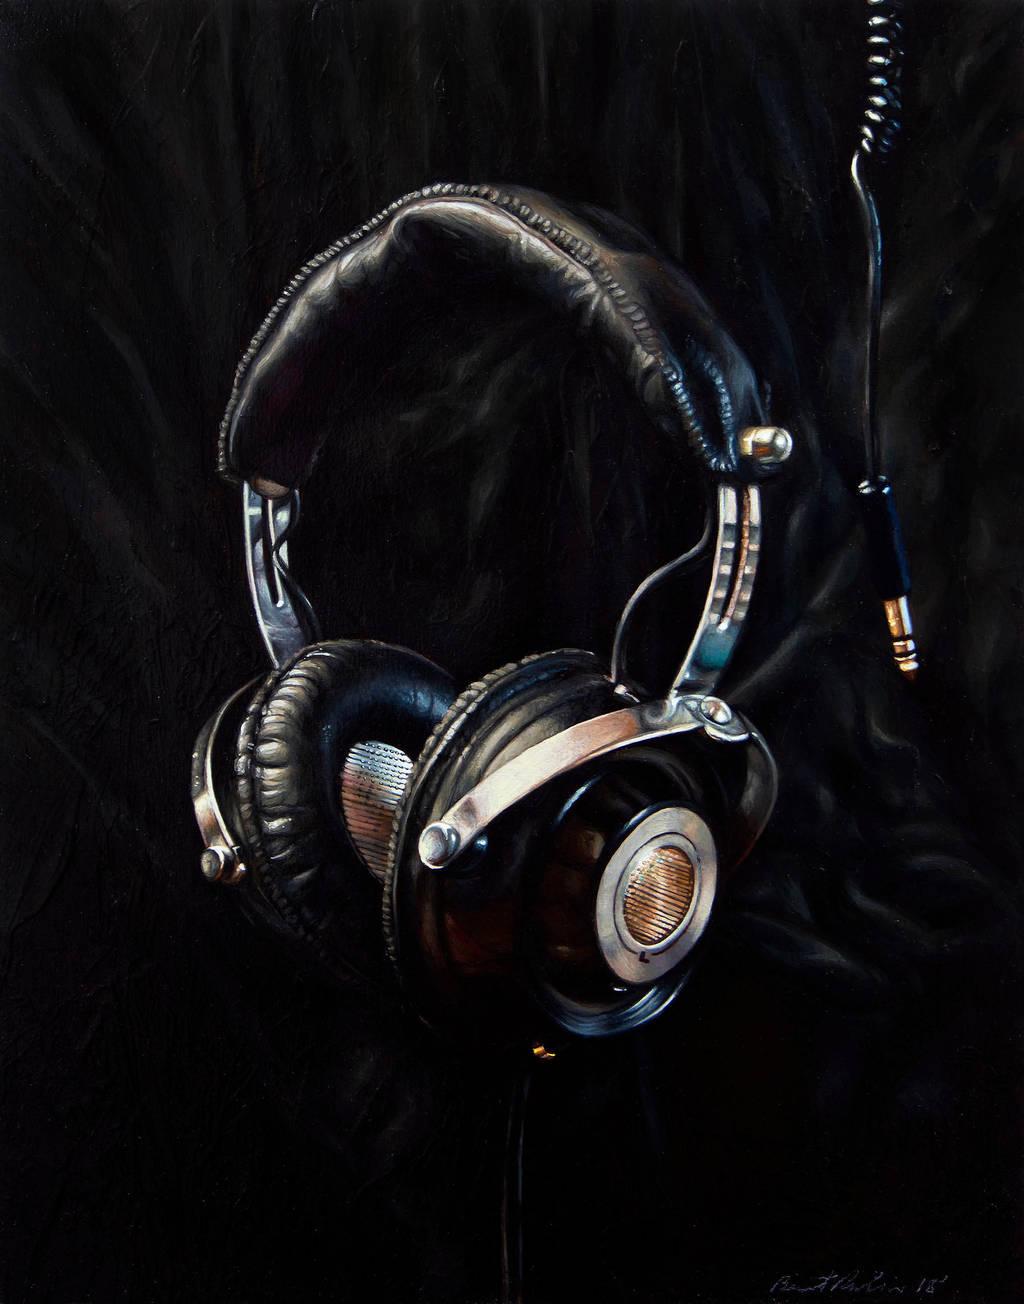 Listen 37 by benke33